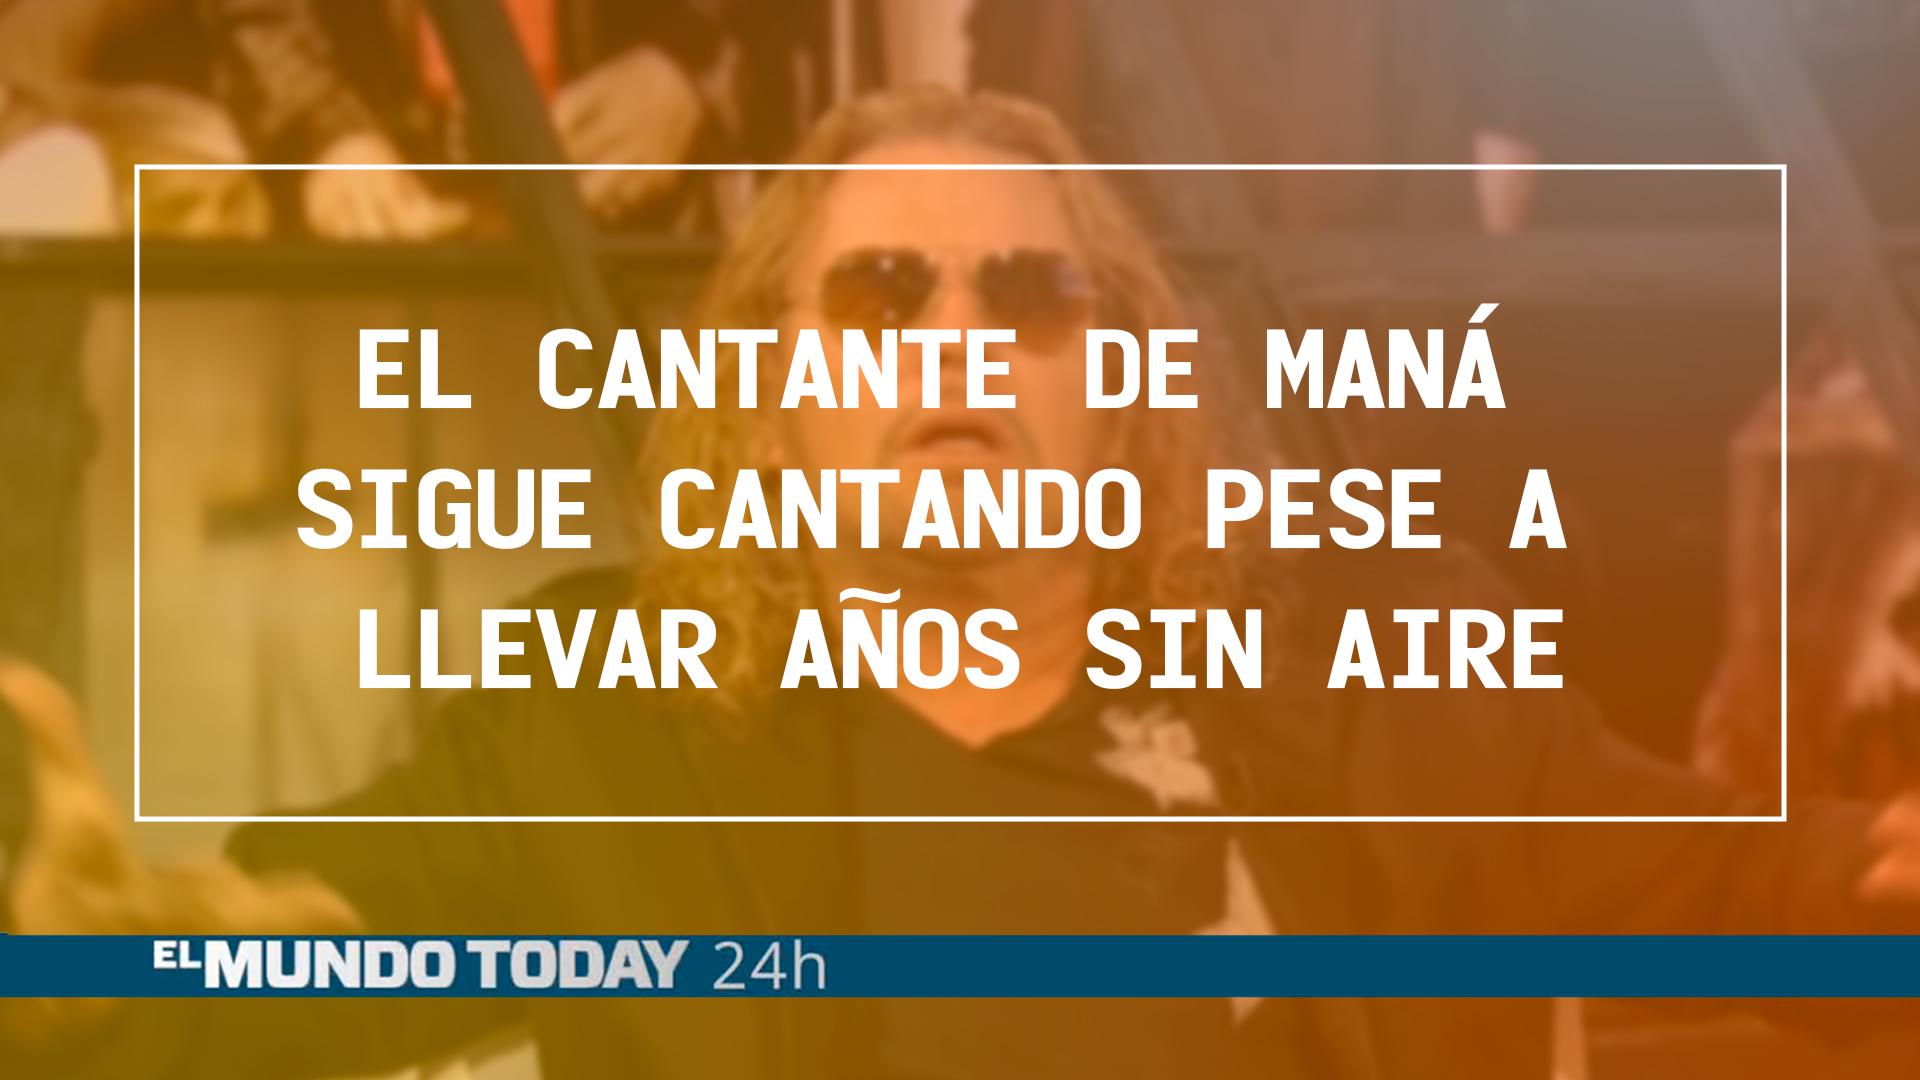 Temporada 1 Noticias 'El Mundo Today': El cantante de Maná sigue cantando pese a llevar años 'Sin Aire'